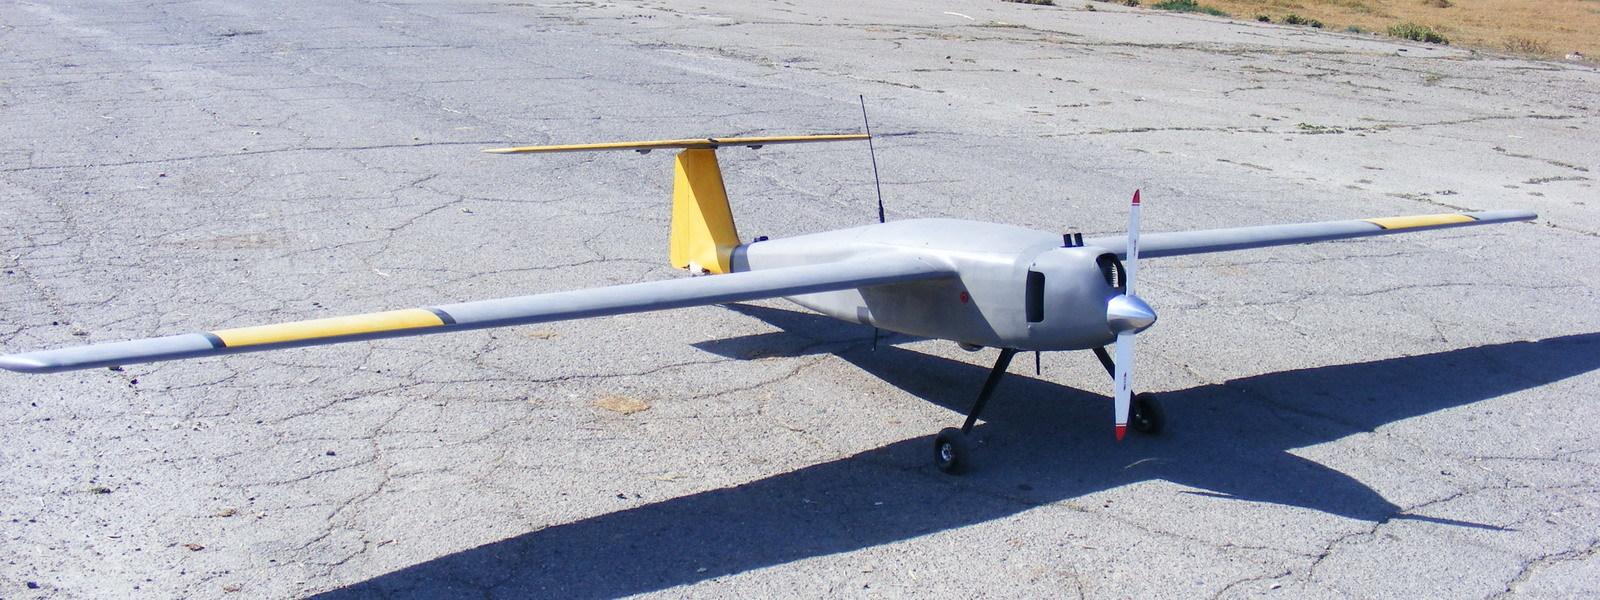 s-587.JPG?width=500